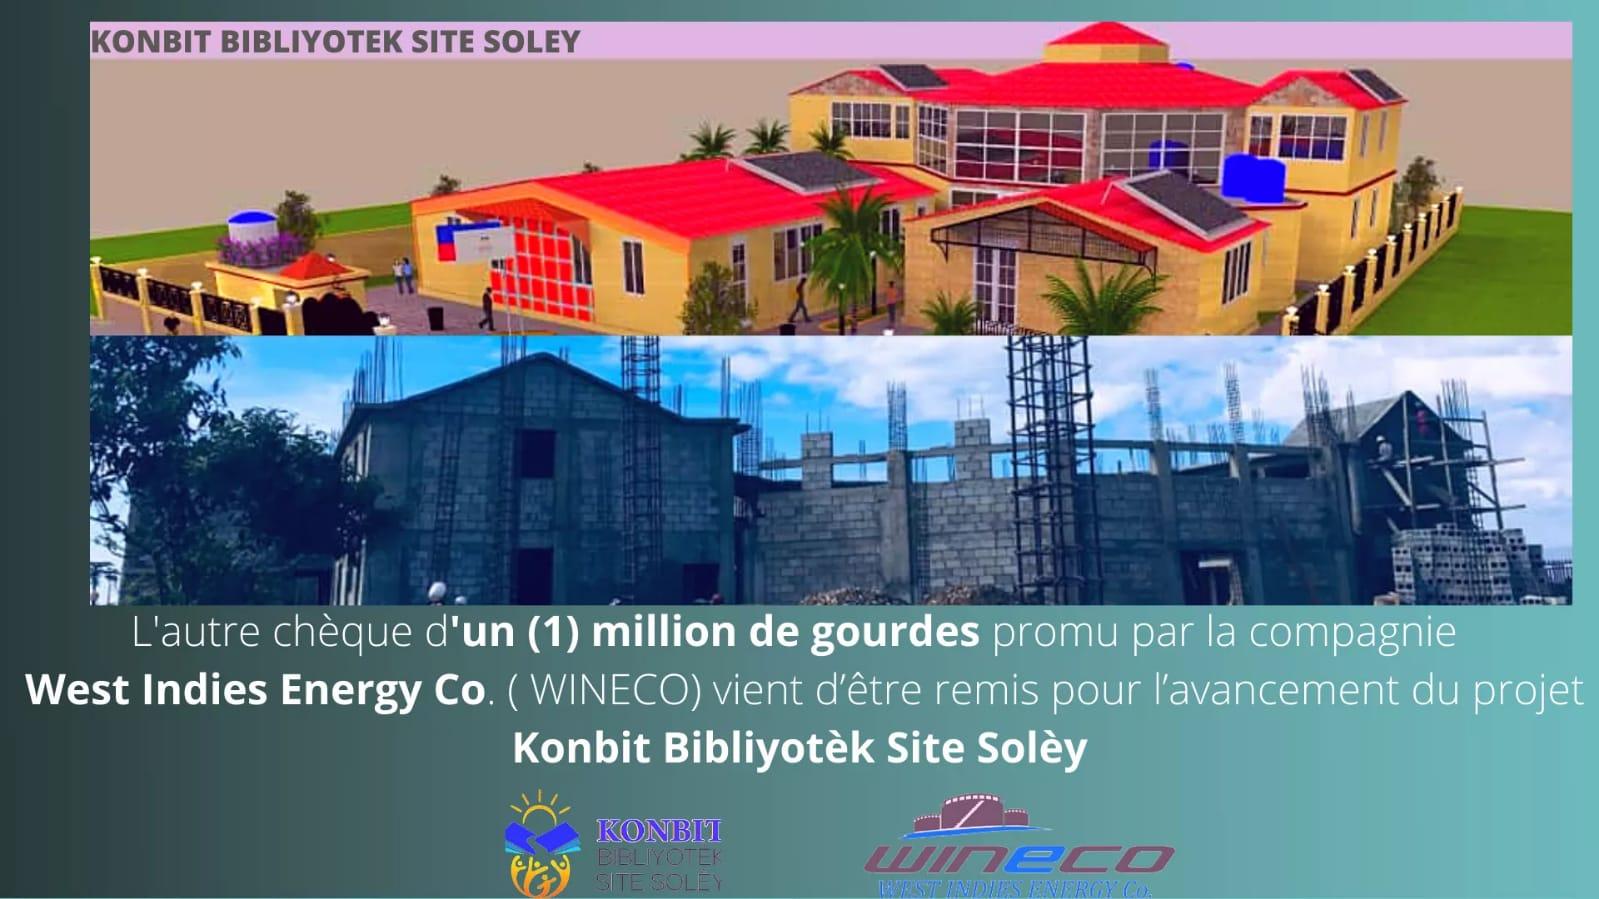 Konpayi WINECO fè don 1 milyon goud pou pwojè Konbit Bibliyotèk Site Solèy la